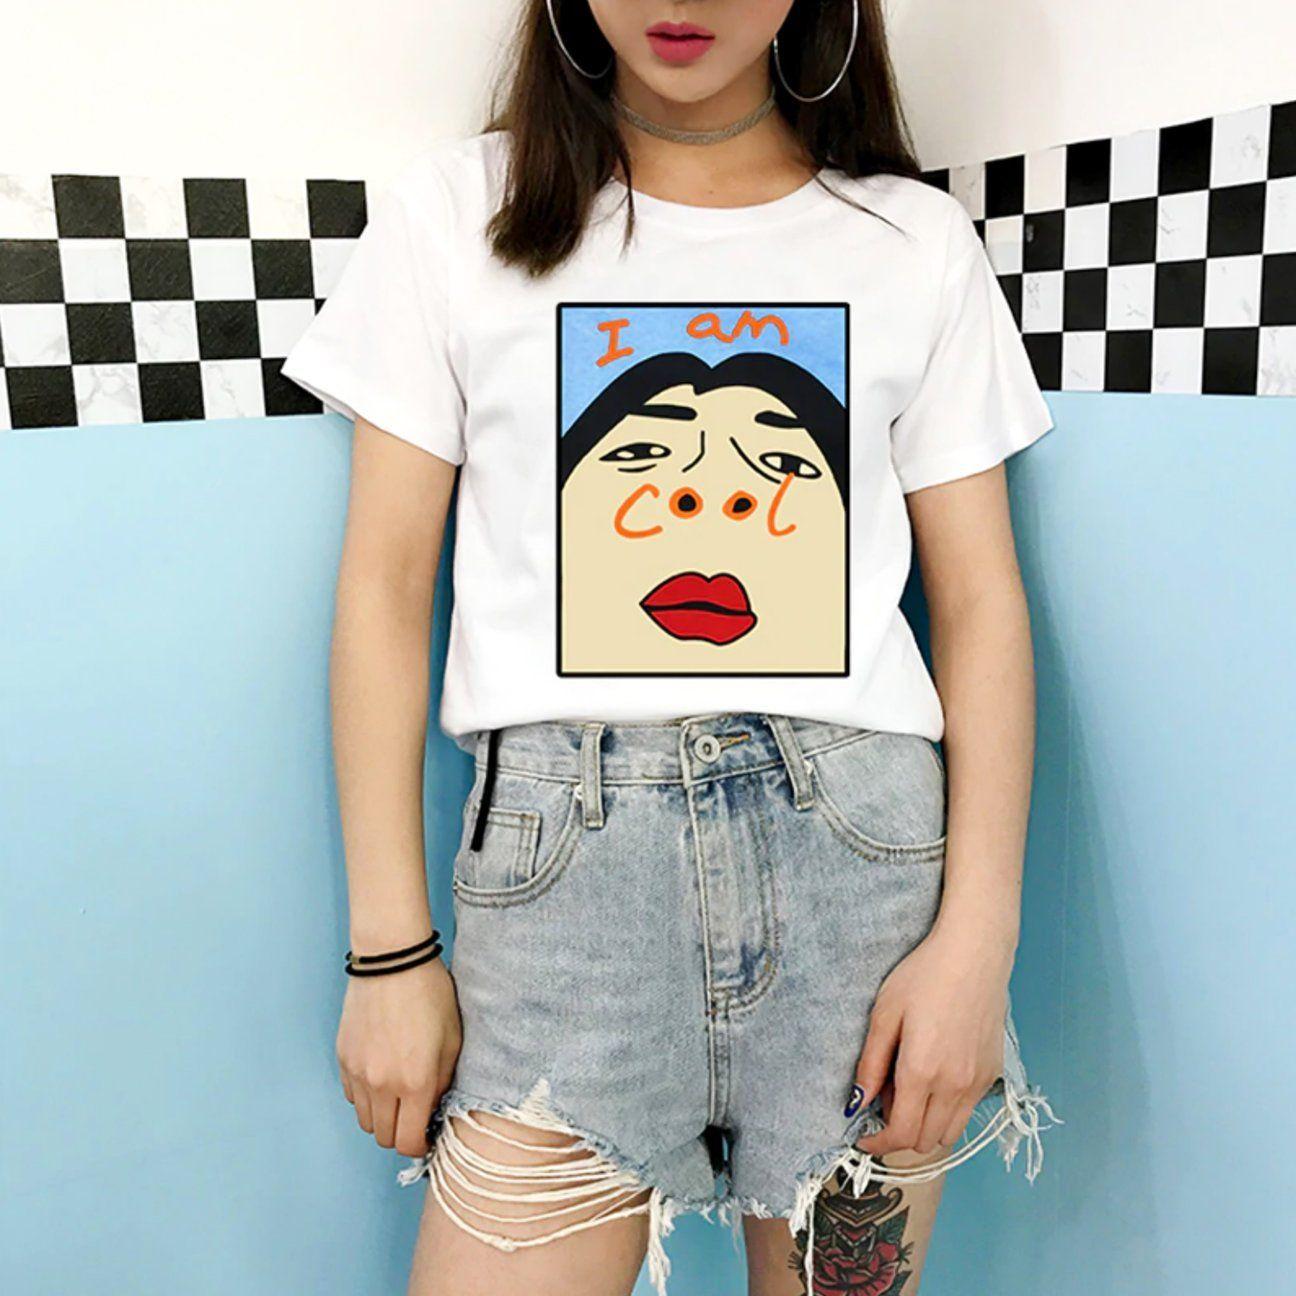 I Am Cool Tee – Subtle Asian Fashion 744923594594733930